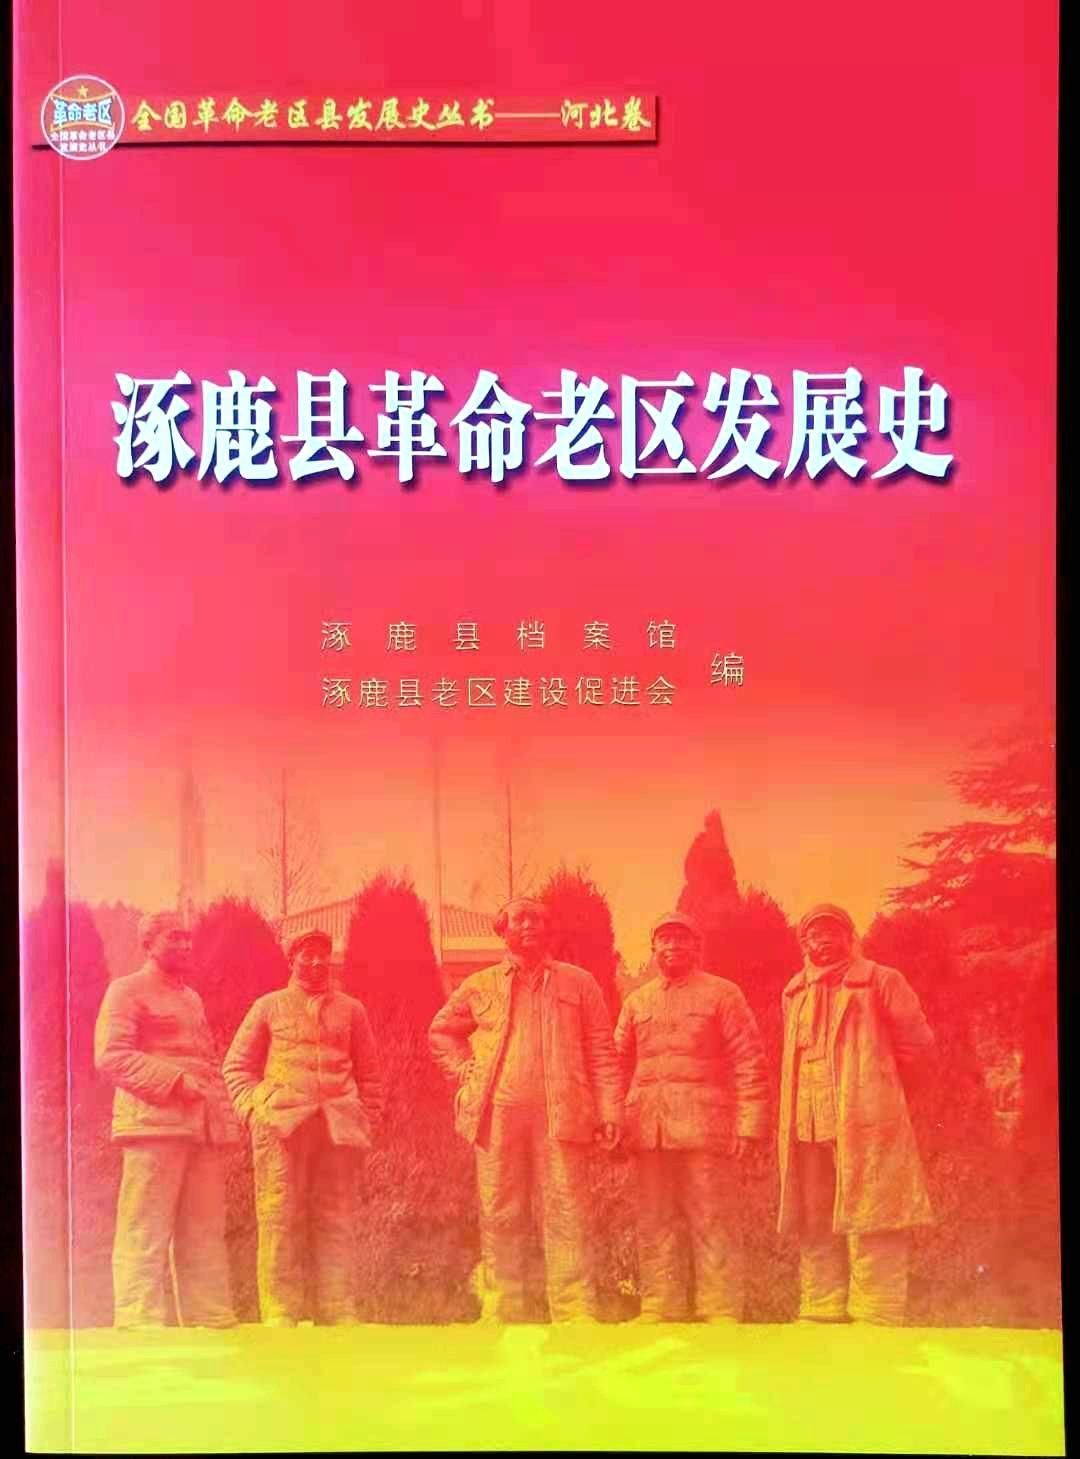 《涿鹿县革命老区发展史》出版发行